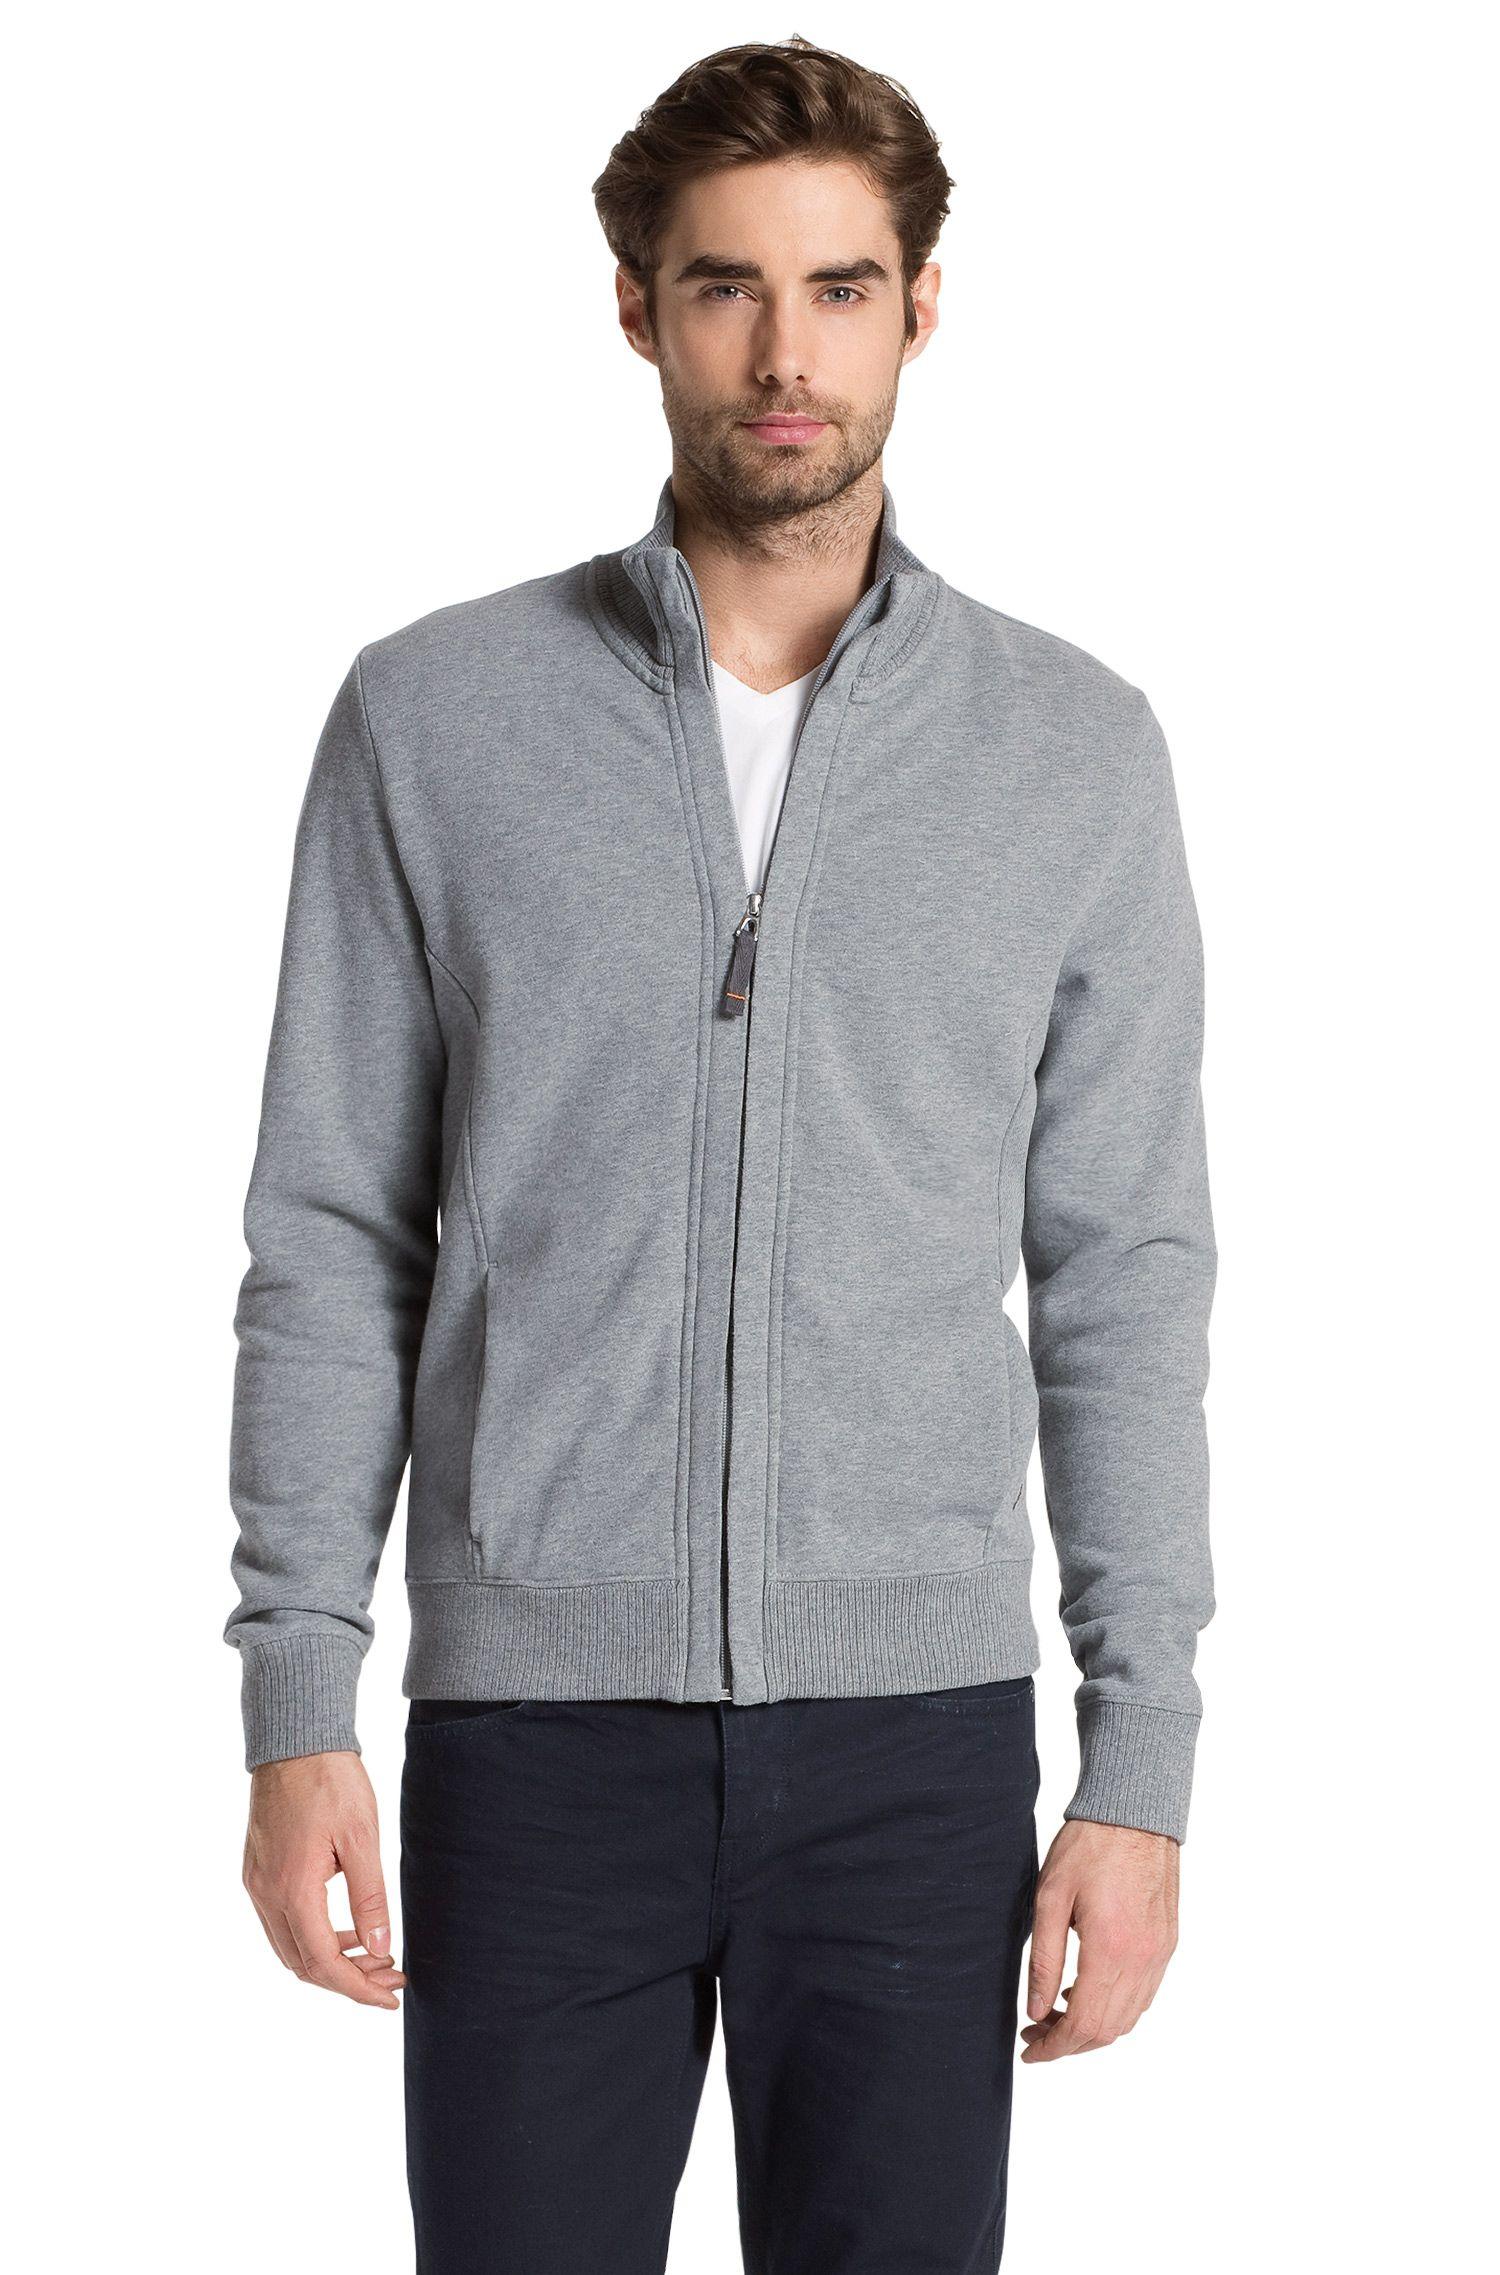 Sweatshirt-Jacke ´Zupernova` aus Baumwoll-Gemisch